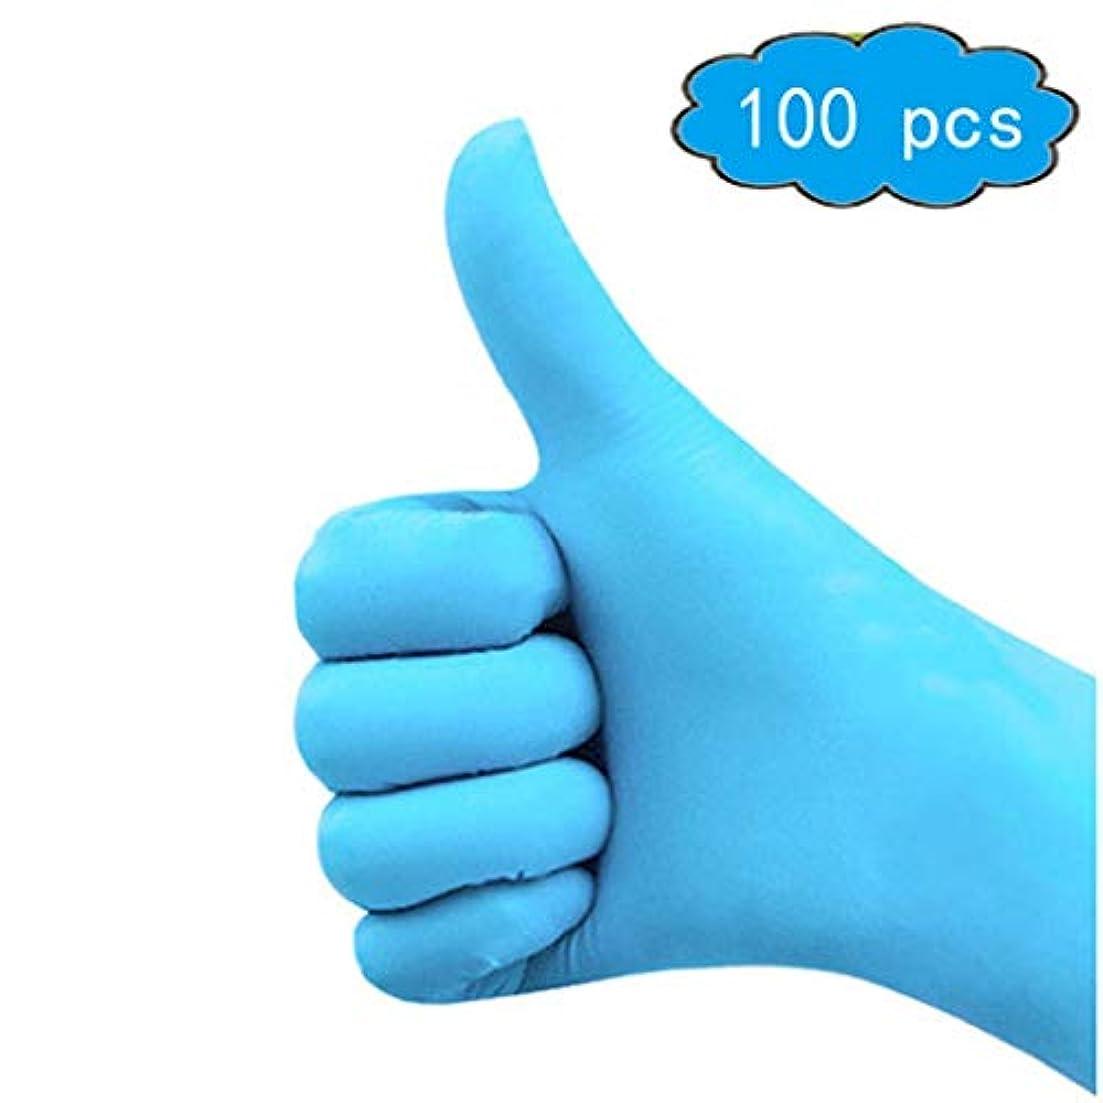 フレキシブル死ぬ繁栄使い捨てニトリル手袋、パウダーなし、厚く、3 mil、青、サイズL、100個入り、サニタリー手袋、家庭用品 (Color : Blue, Size : L)